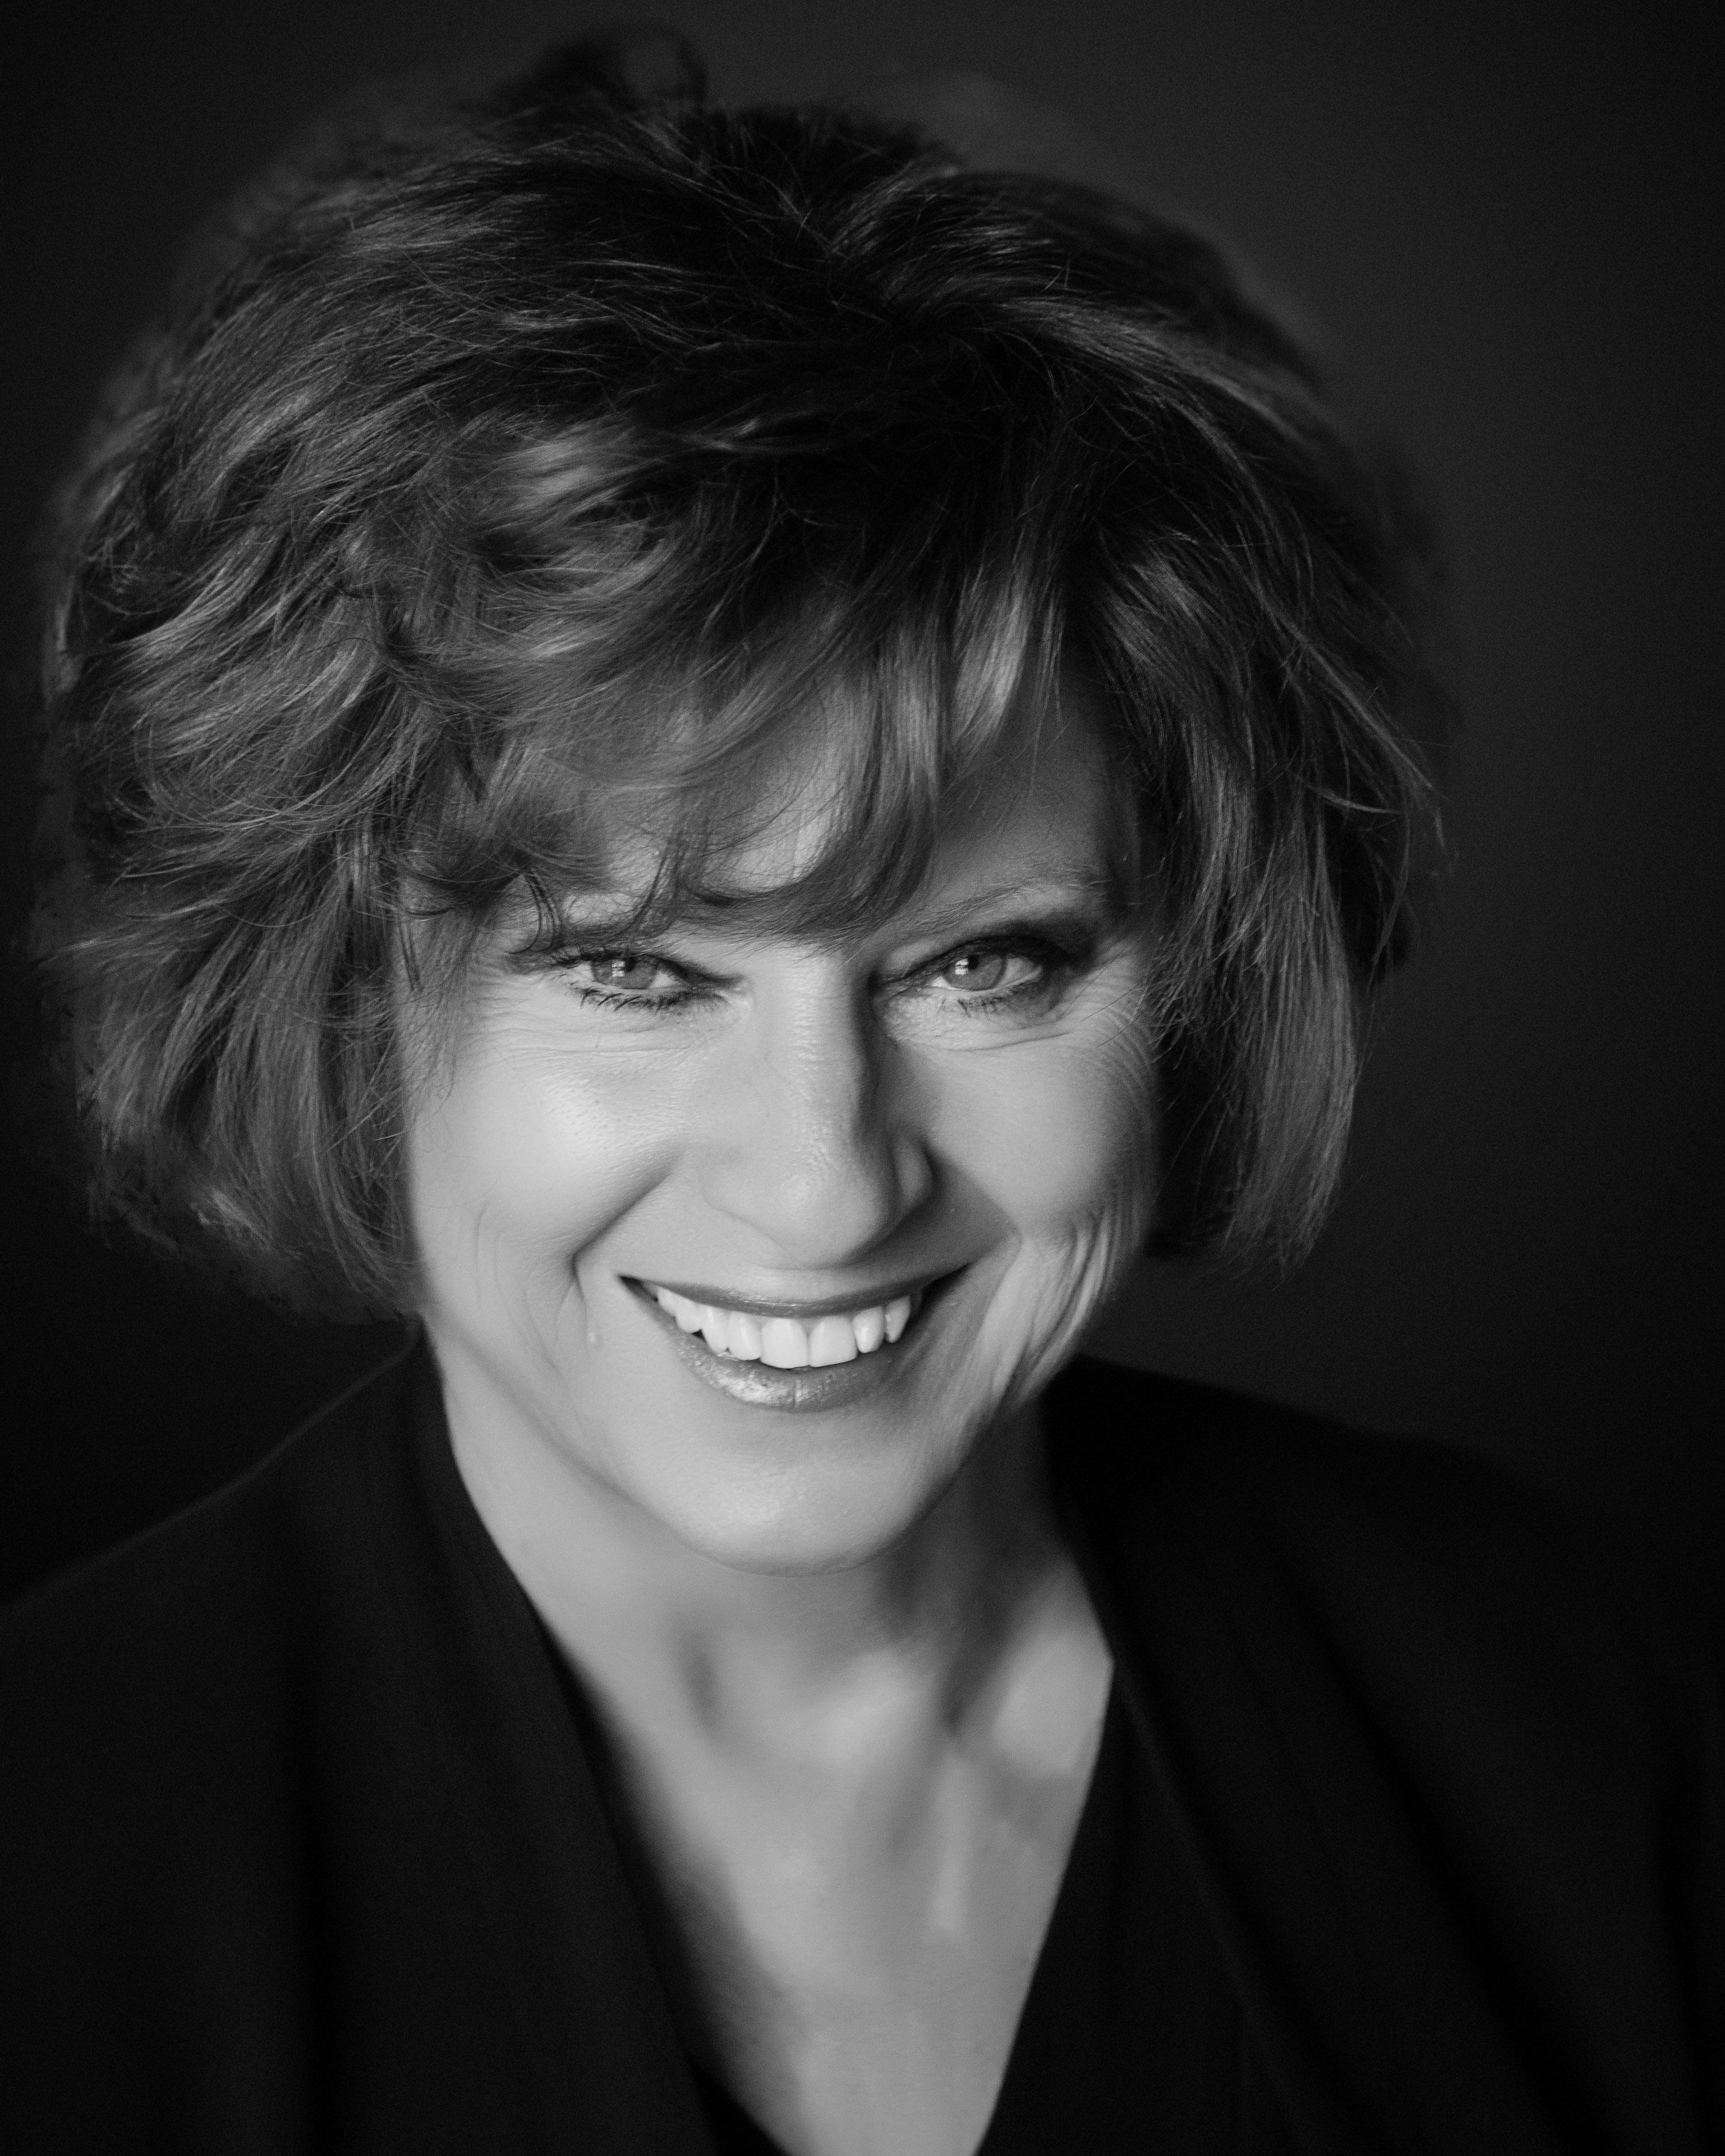 Marianna Kindrachuk